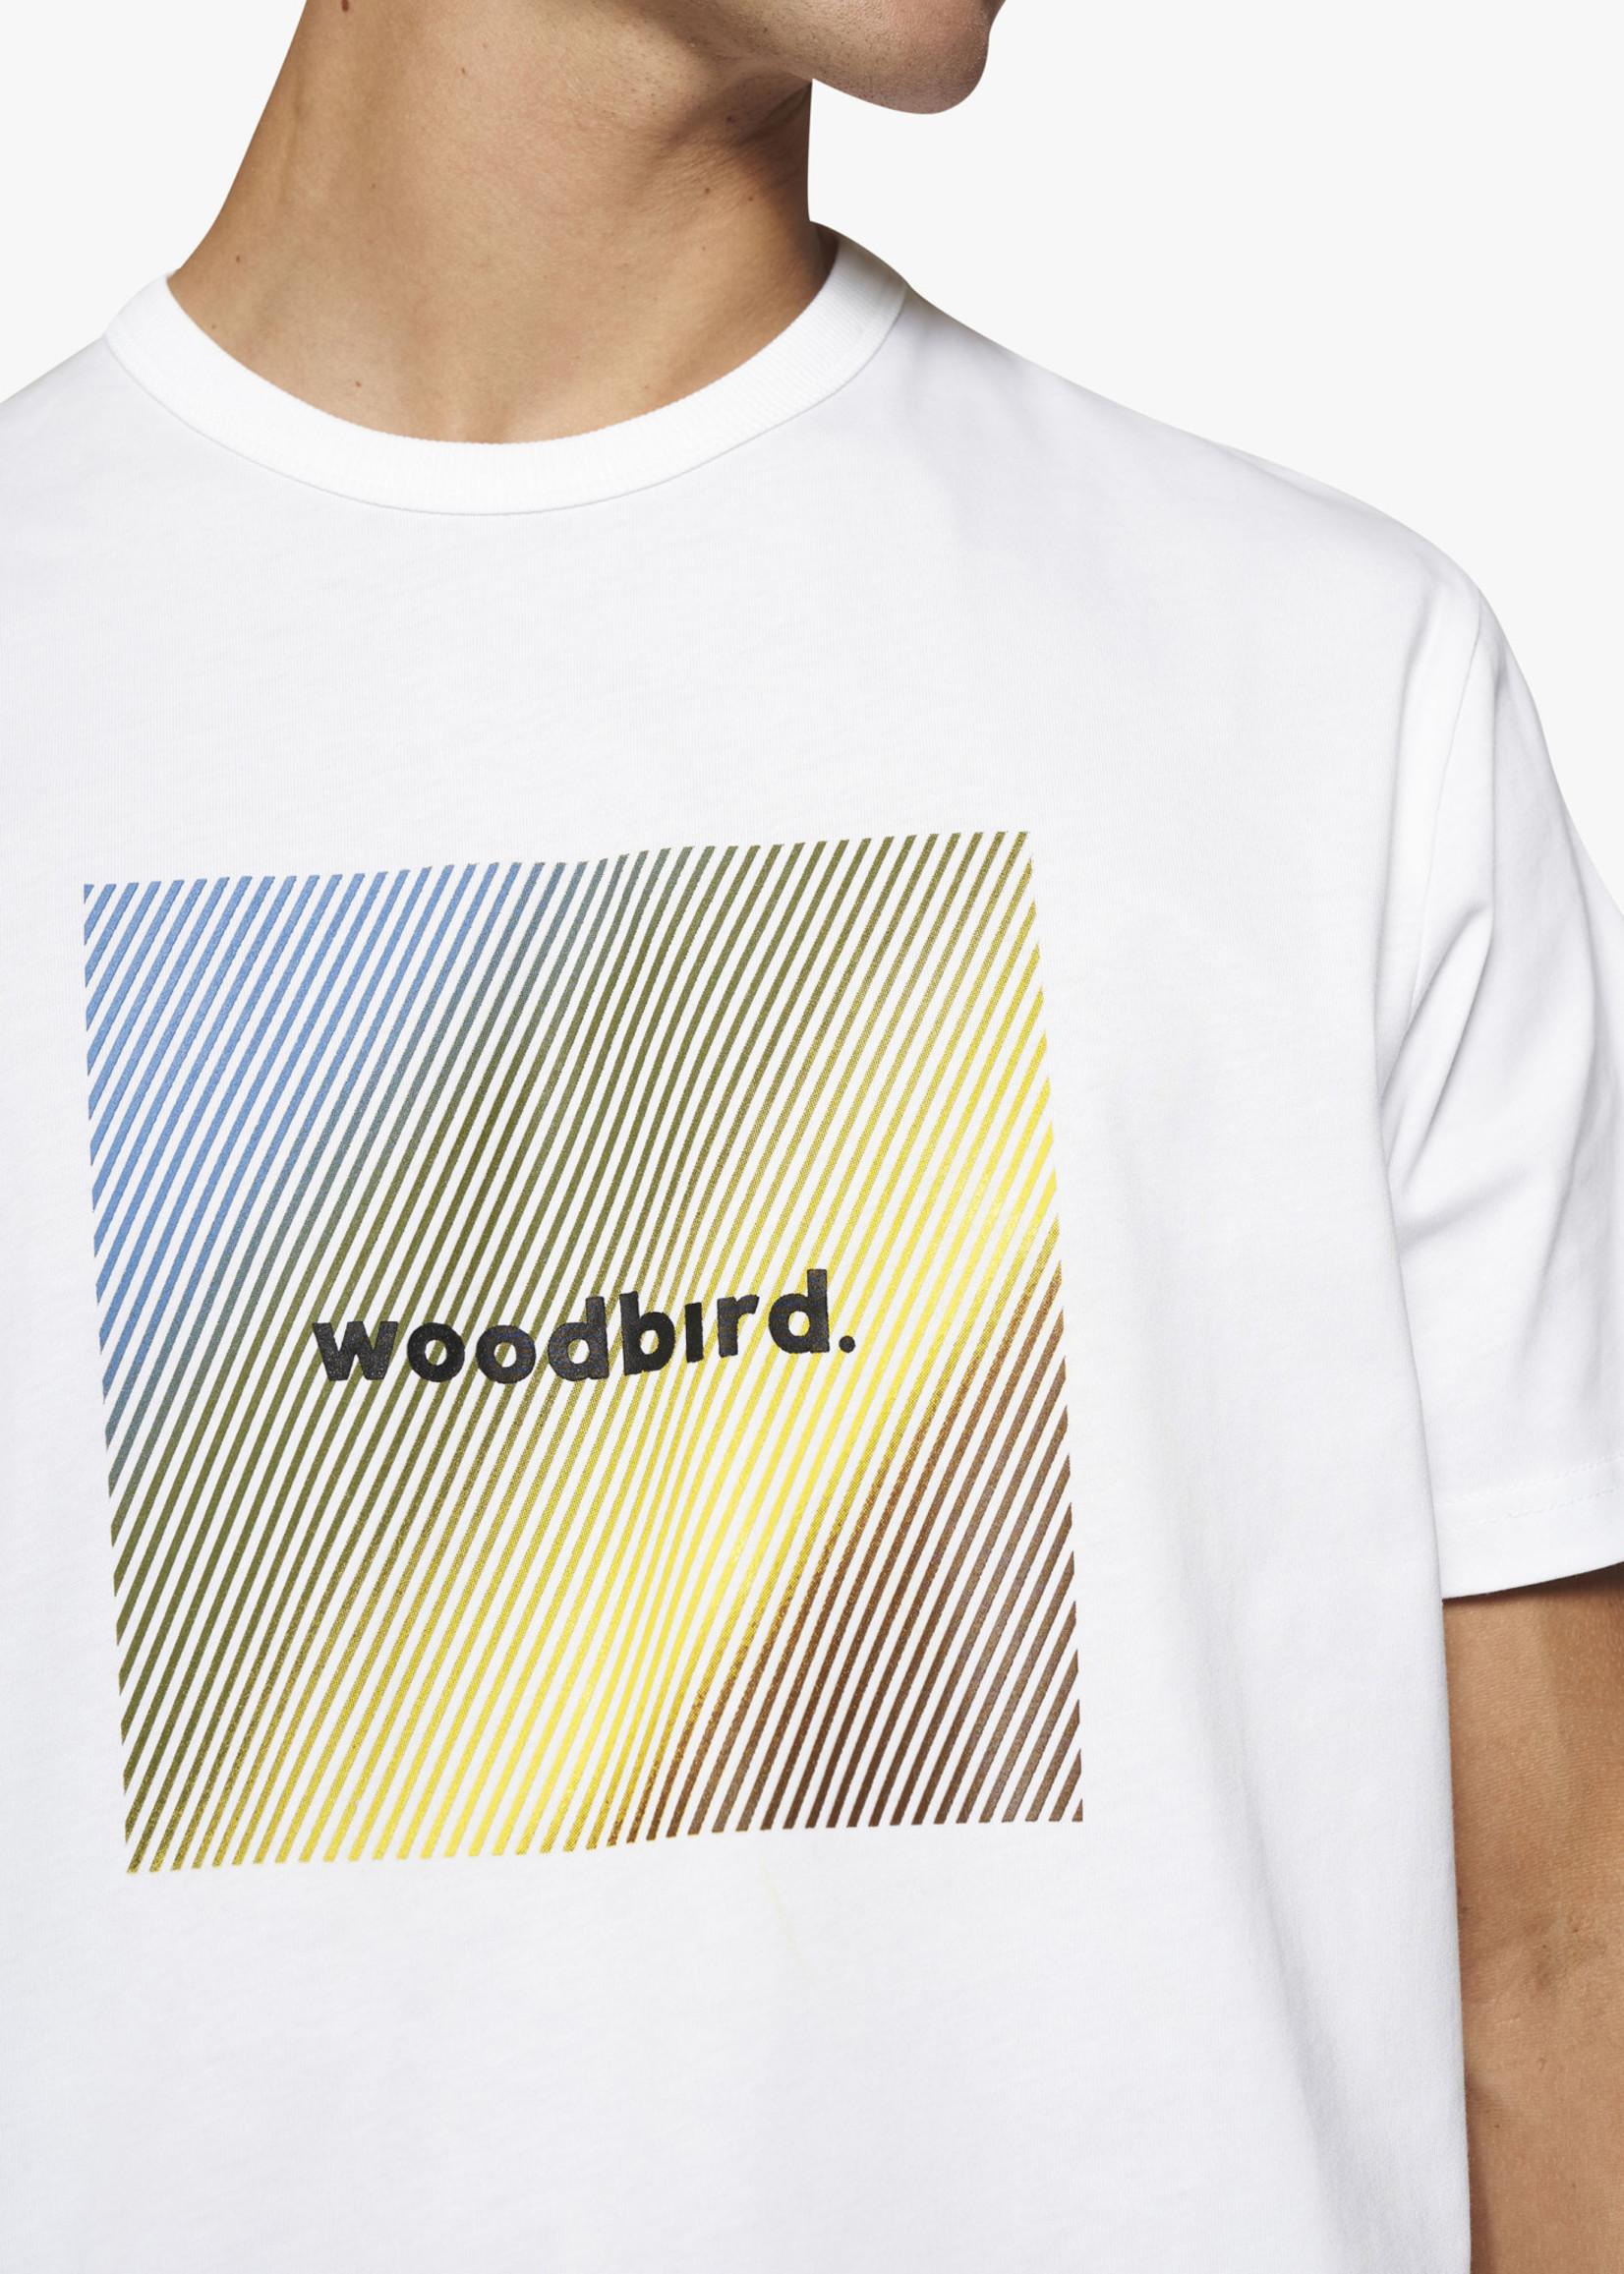 Woodbird Groy Box Tee